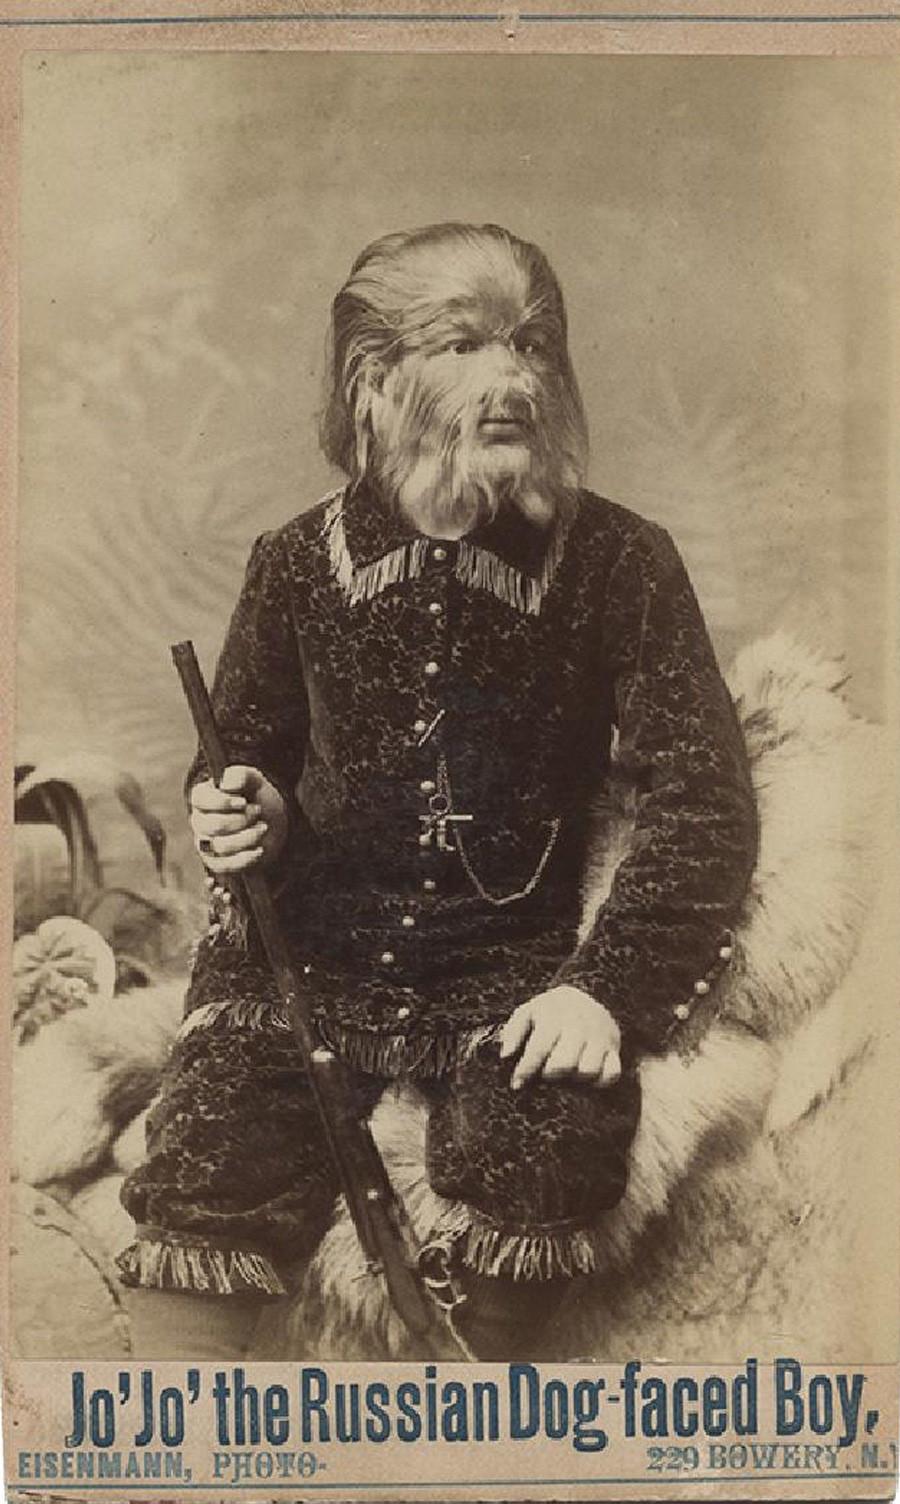 フョードル・エフチヒエフ